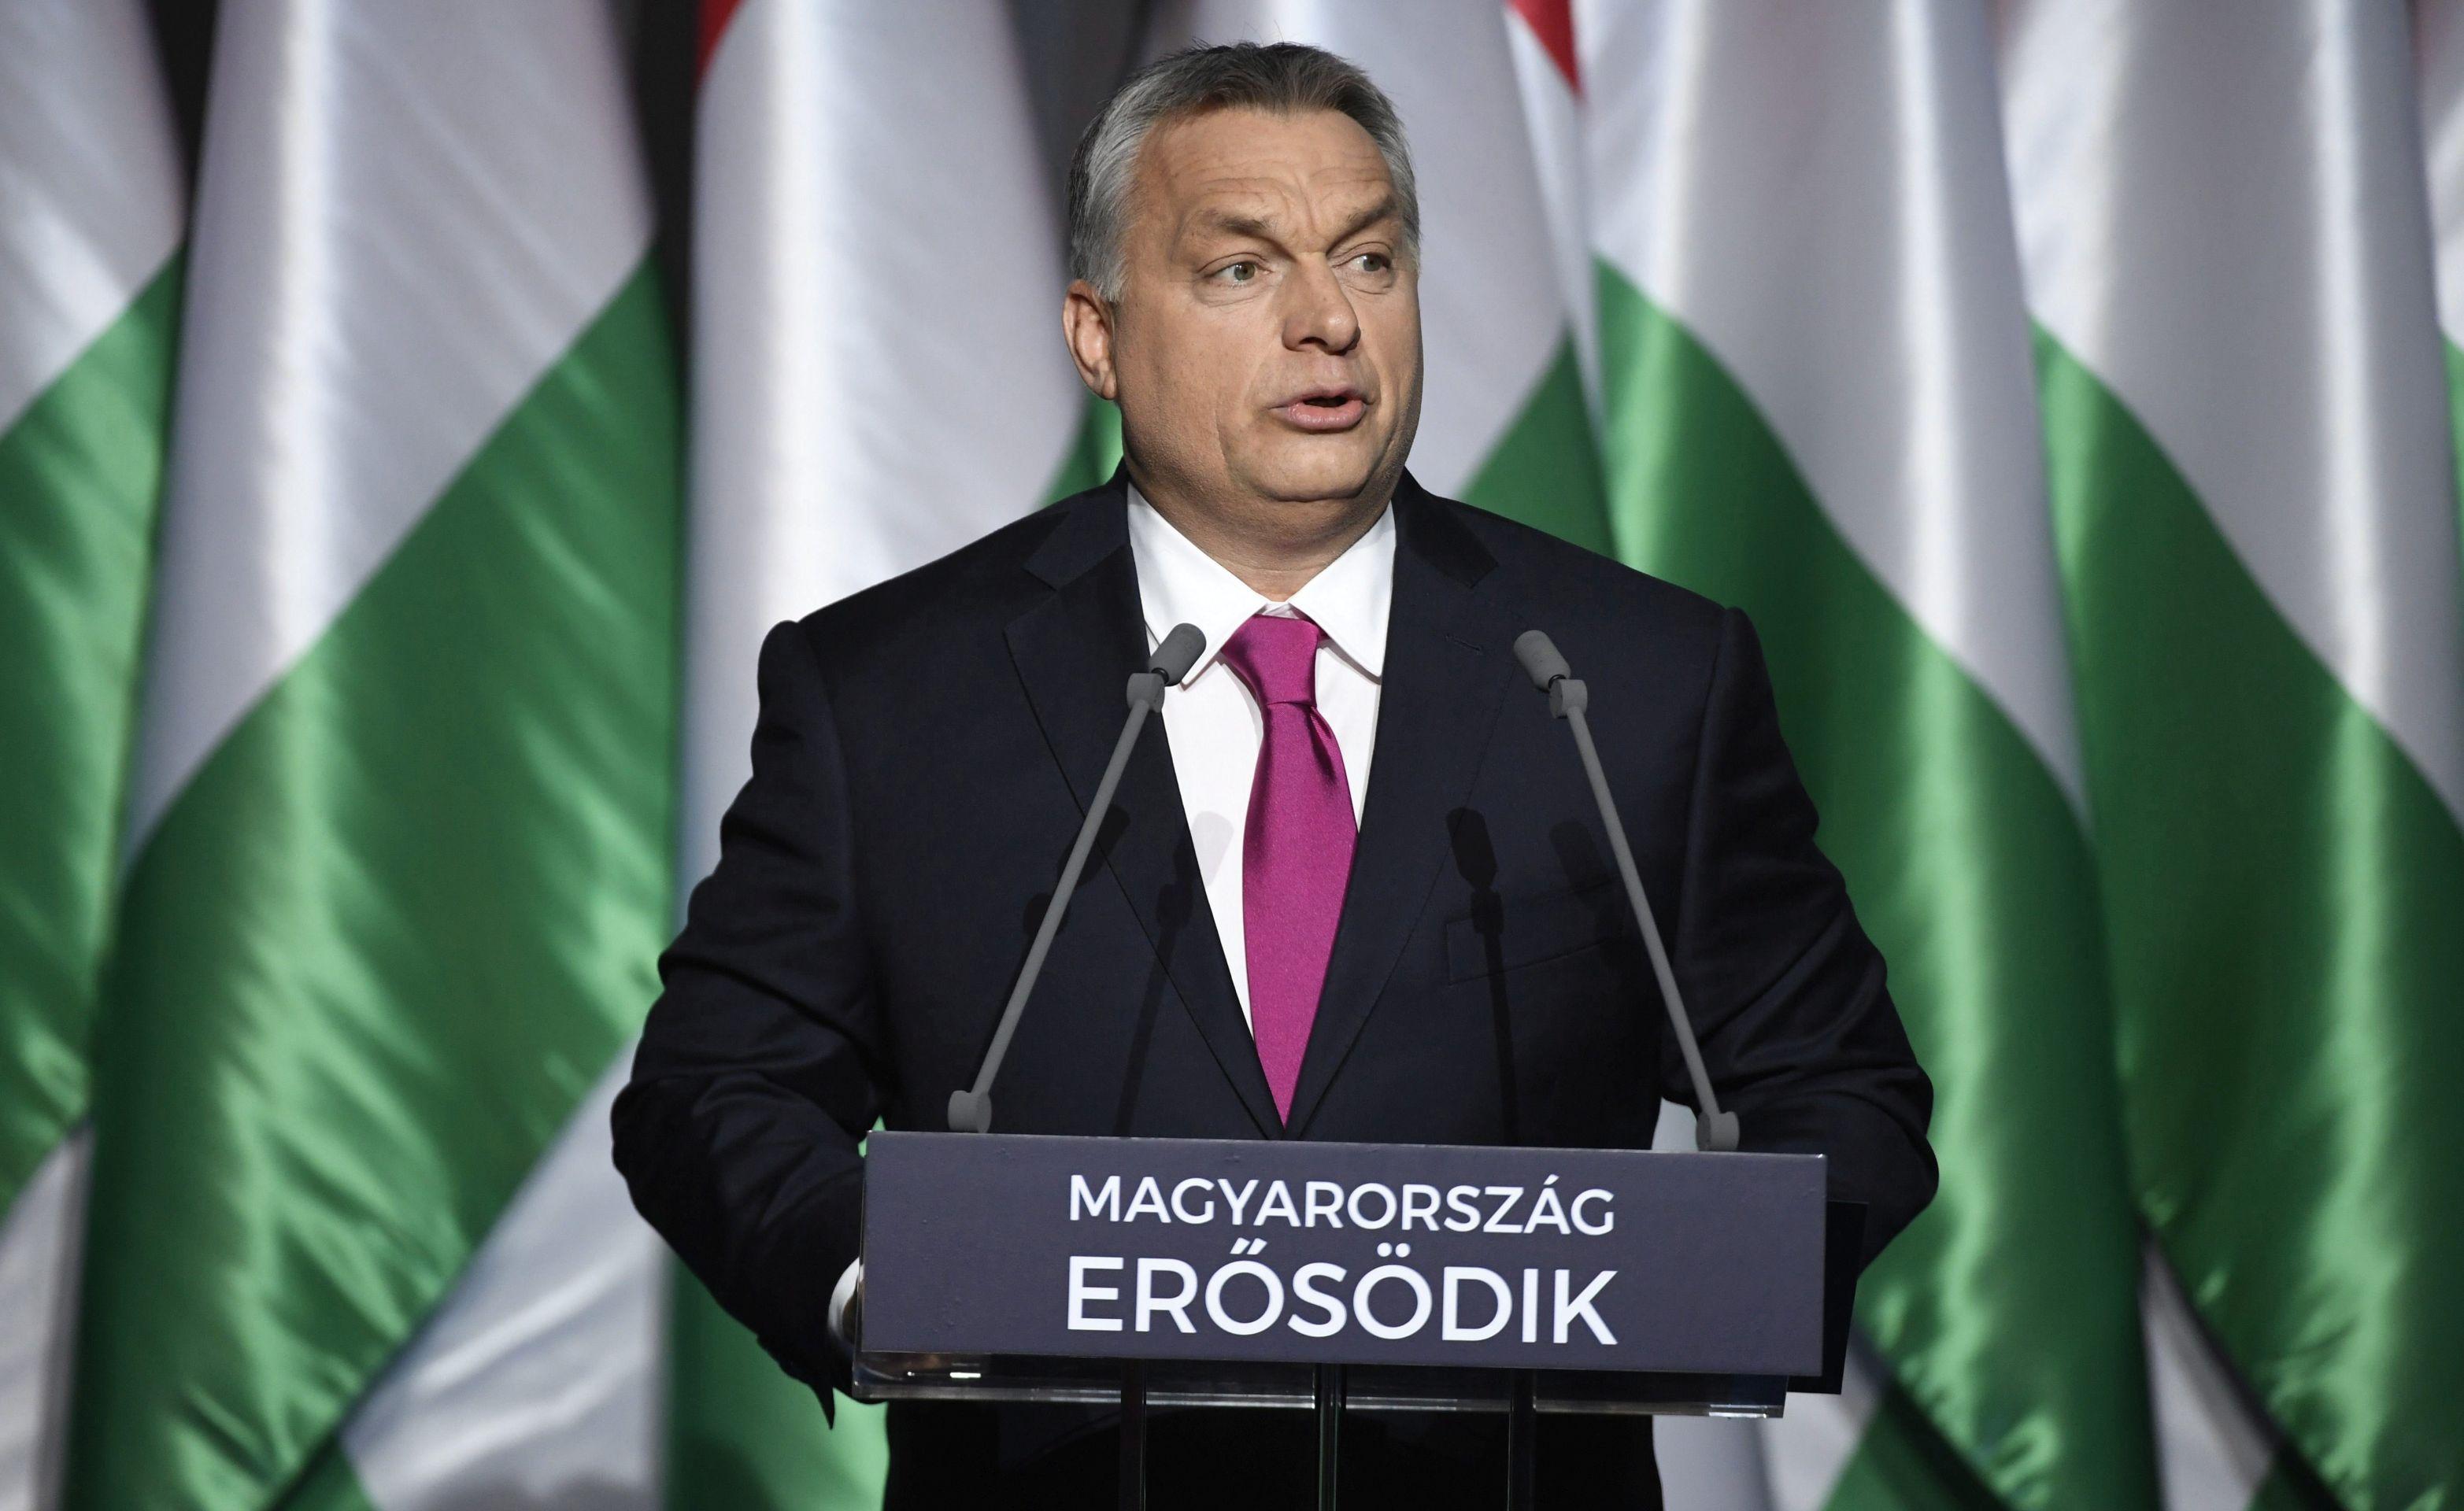 Orban kaže kako je Mađarska od početka bila u pravu oko migrantske krize